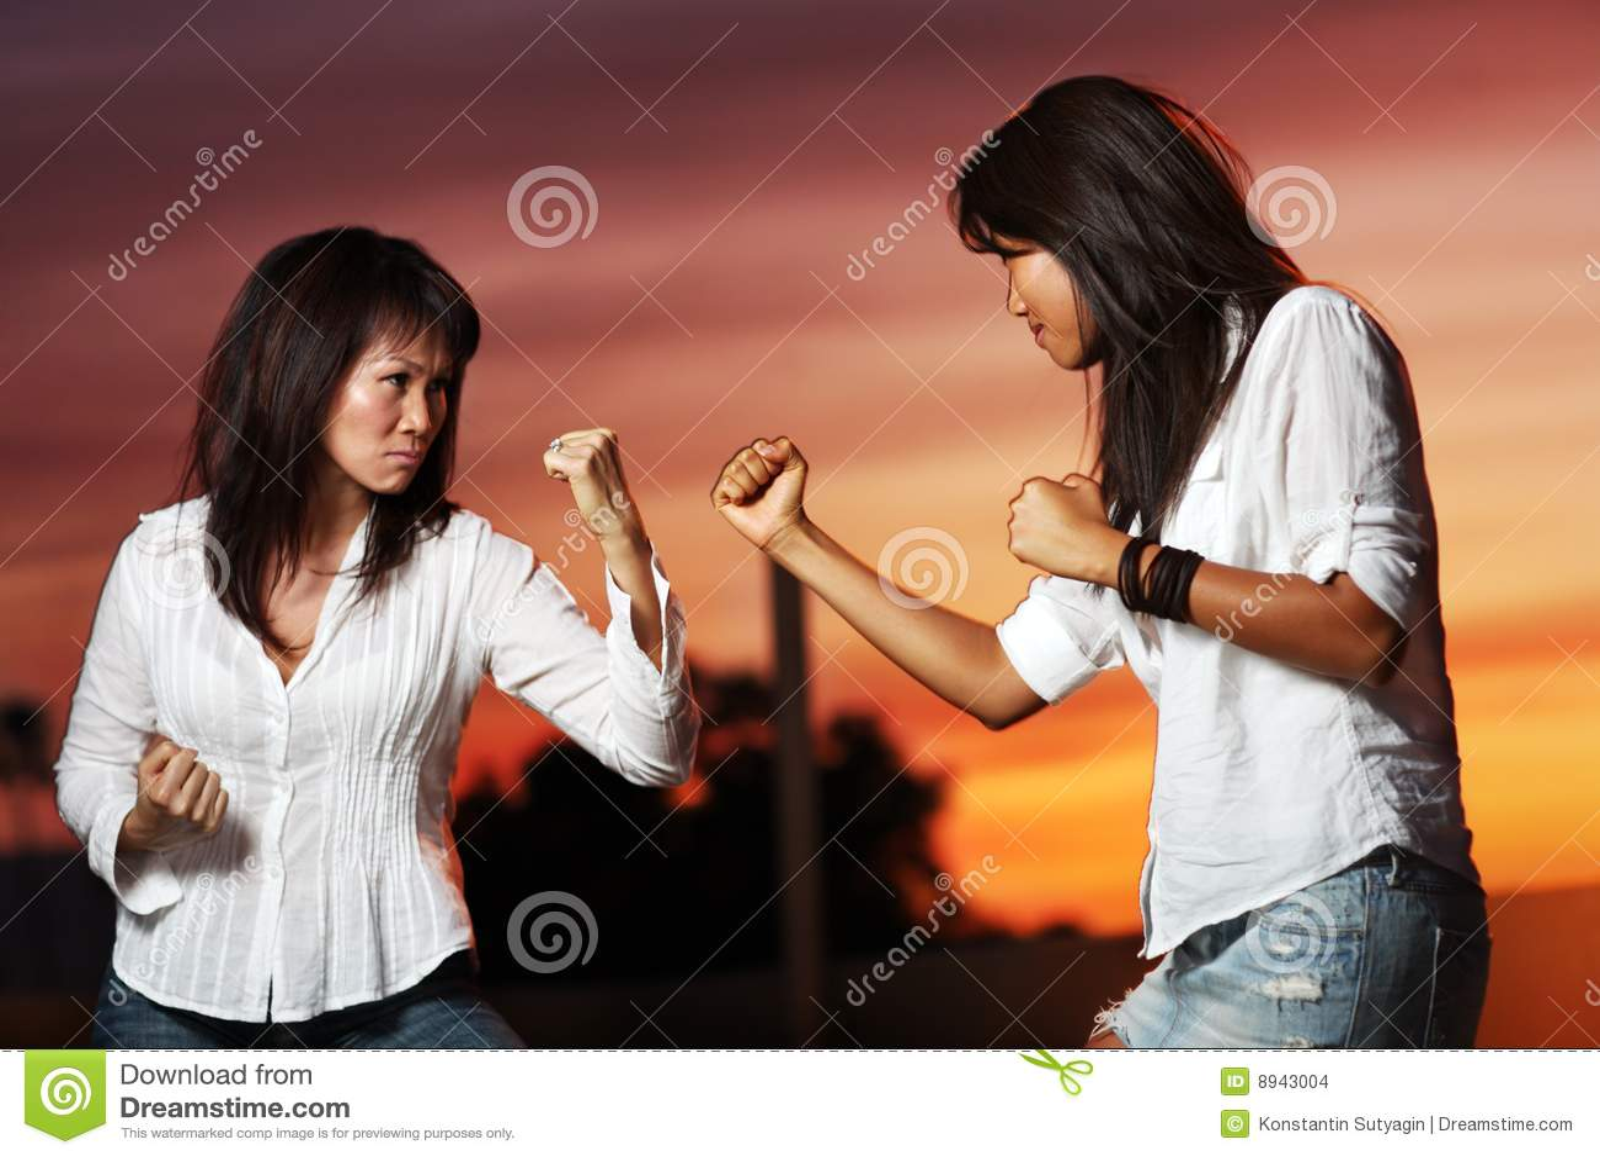 Foxy Combate La Lucha De Las Mujeres - esbiguznet